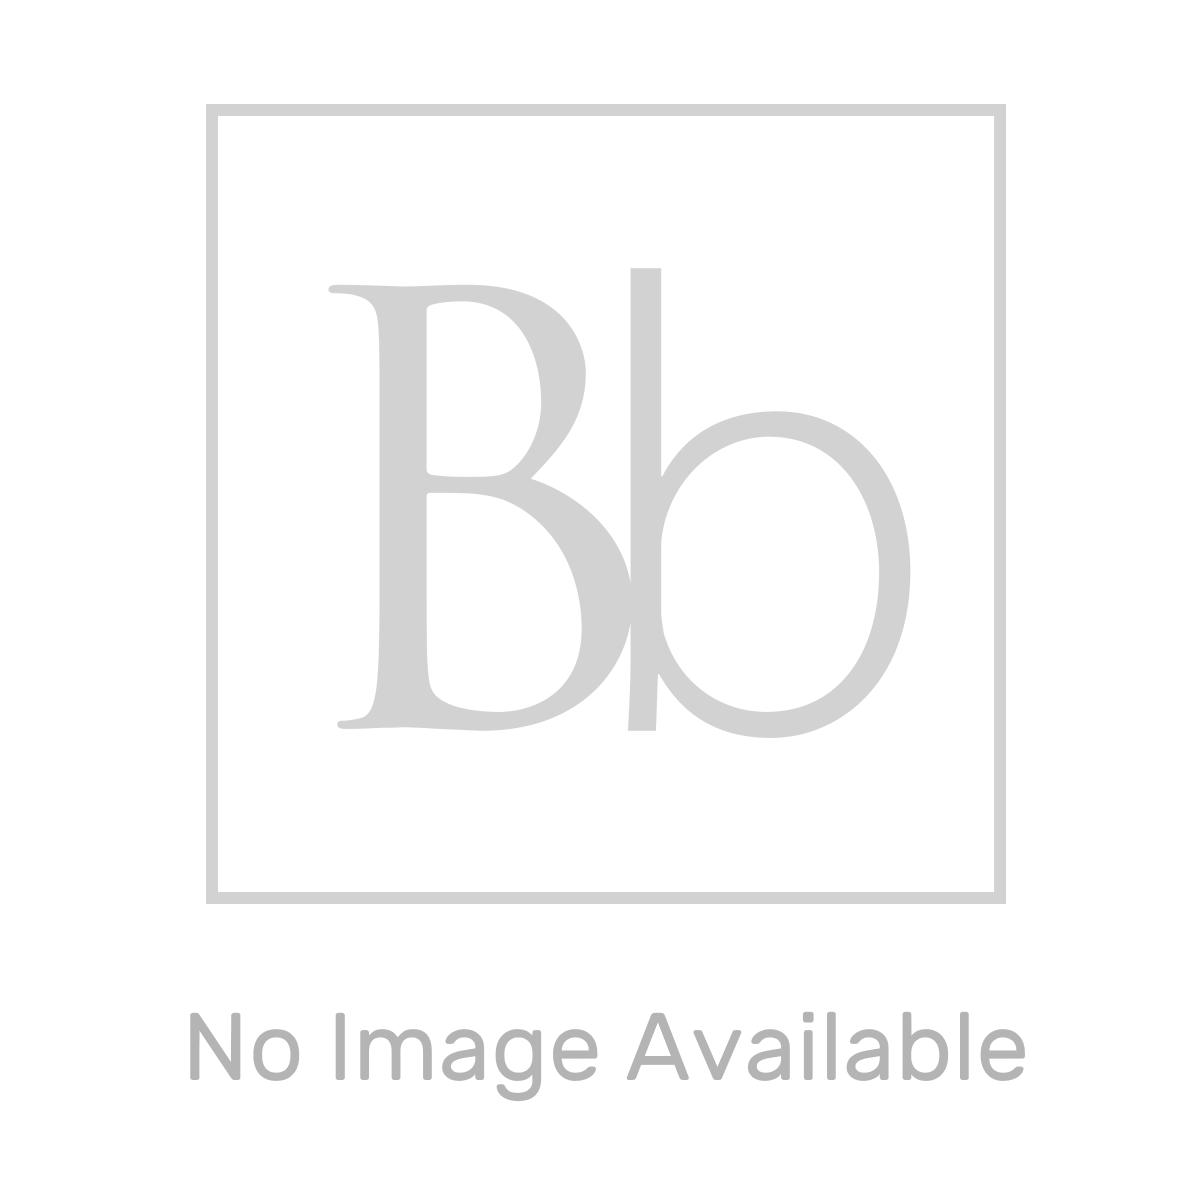 Vitra S50 Semi Countertop 1 Tap Hole Square Basin 550mm